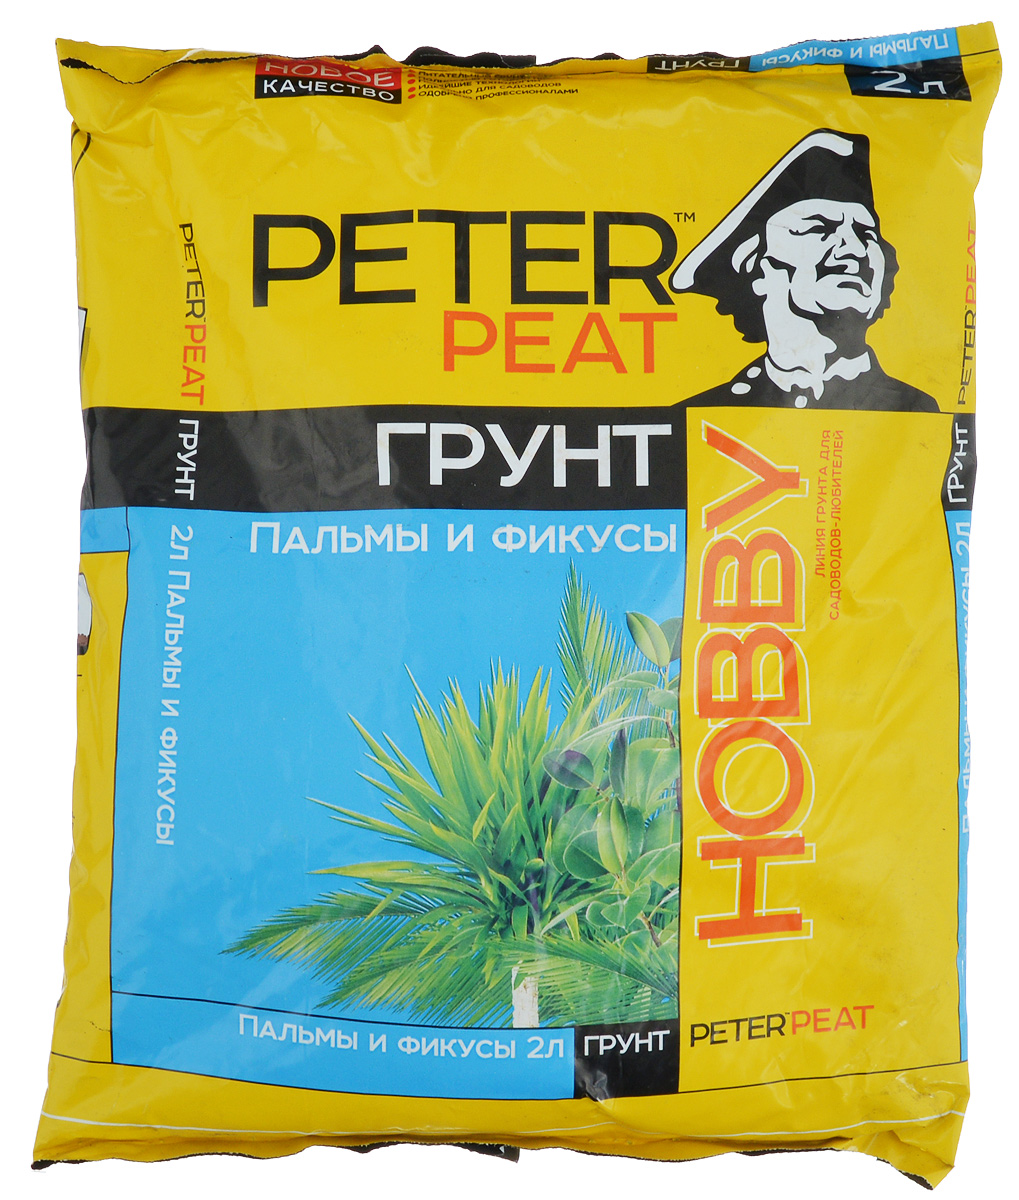 Грунт для растений Peter Peat Пальмы и фикусы, 2 лХ-09-2Peter Peat Пальмы и фикусы - это готовый к применению питательный торфяной грунт. Грунт предназначен для выращивания пальм, фикусов, монстеры, юкки и других крупномерных растений. Способствует приживаемости растений и улучшает их декоративные качества.